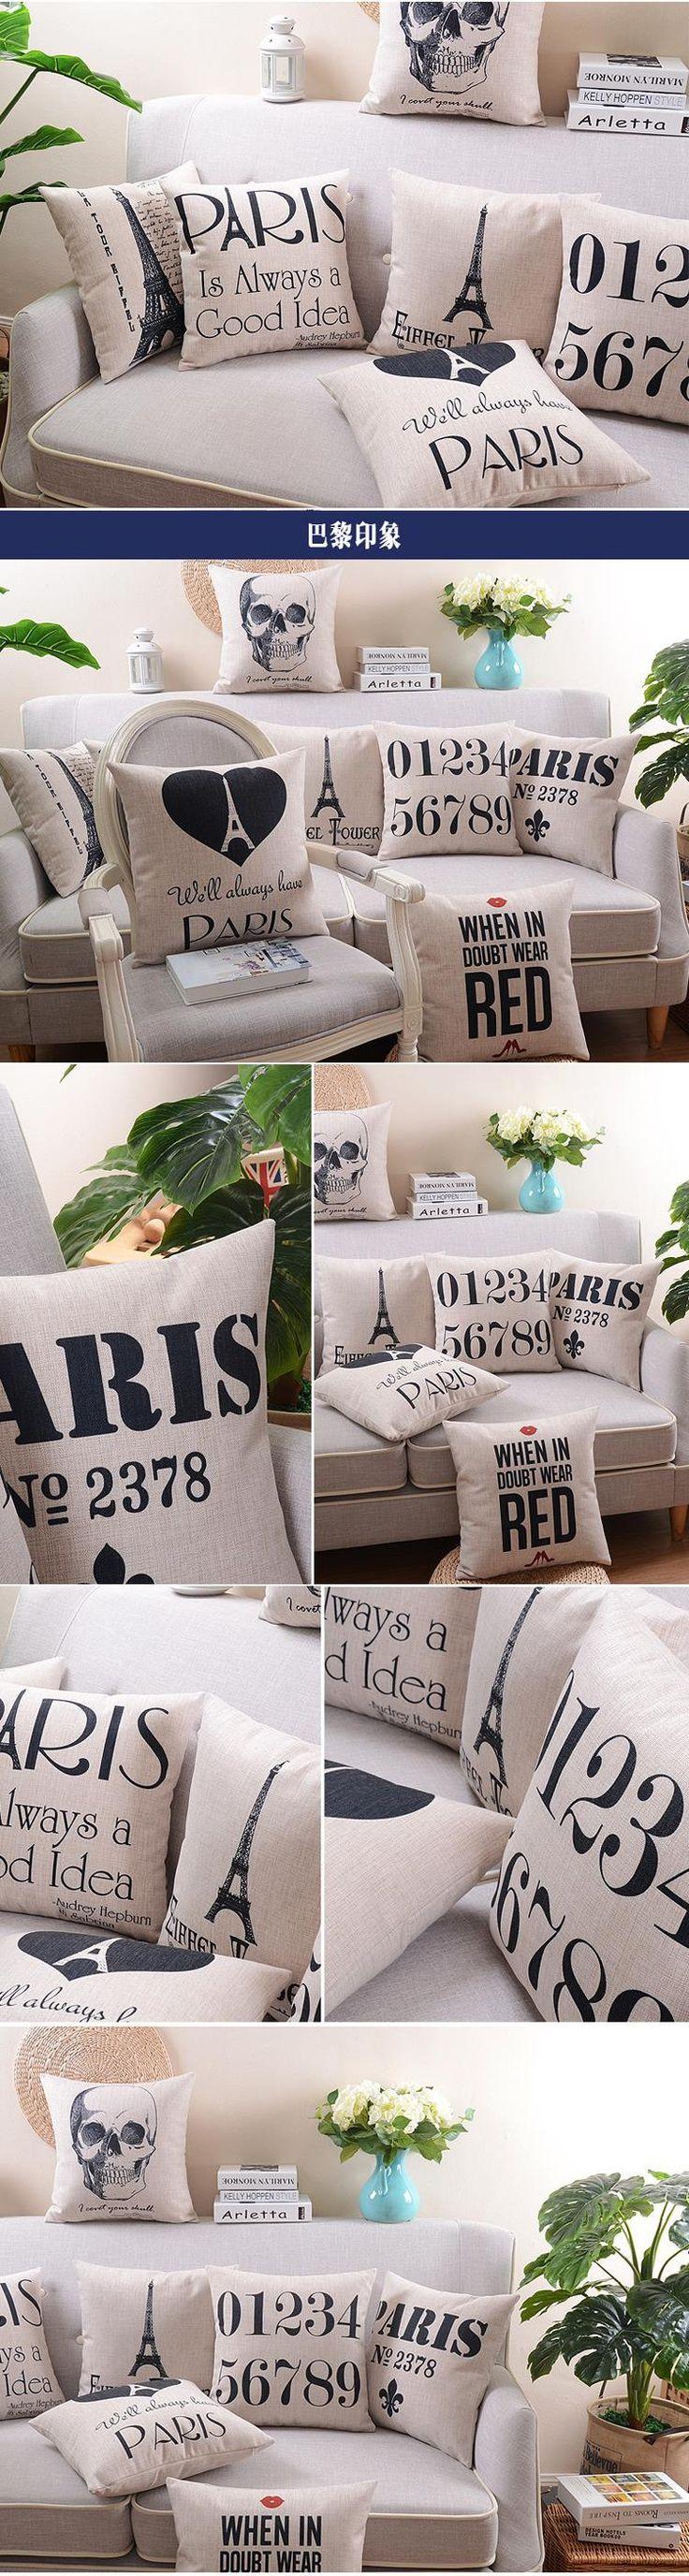 Parisian Vintage Seat Cushion Scandinavian Simplicity Cushions Home Decor Black And White Art Chair Cushion Free Shipping $5.55